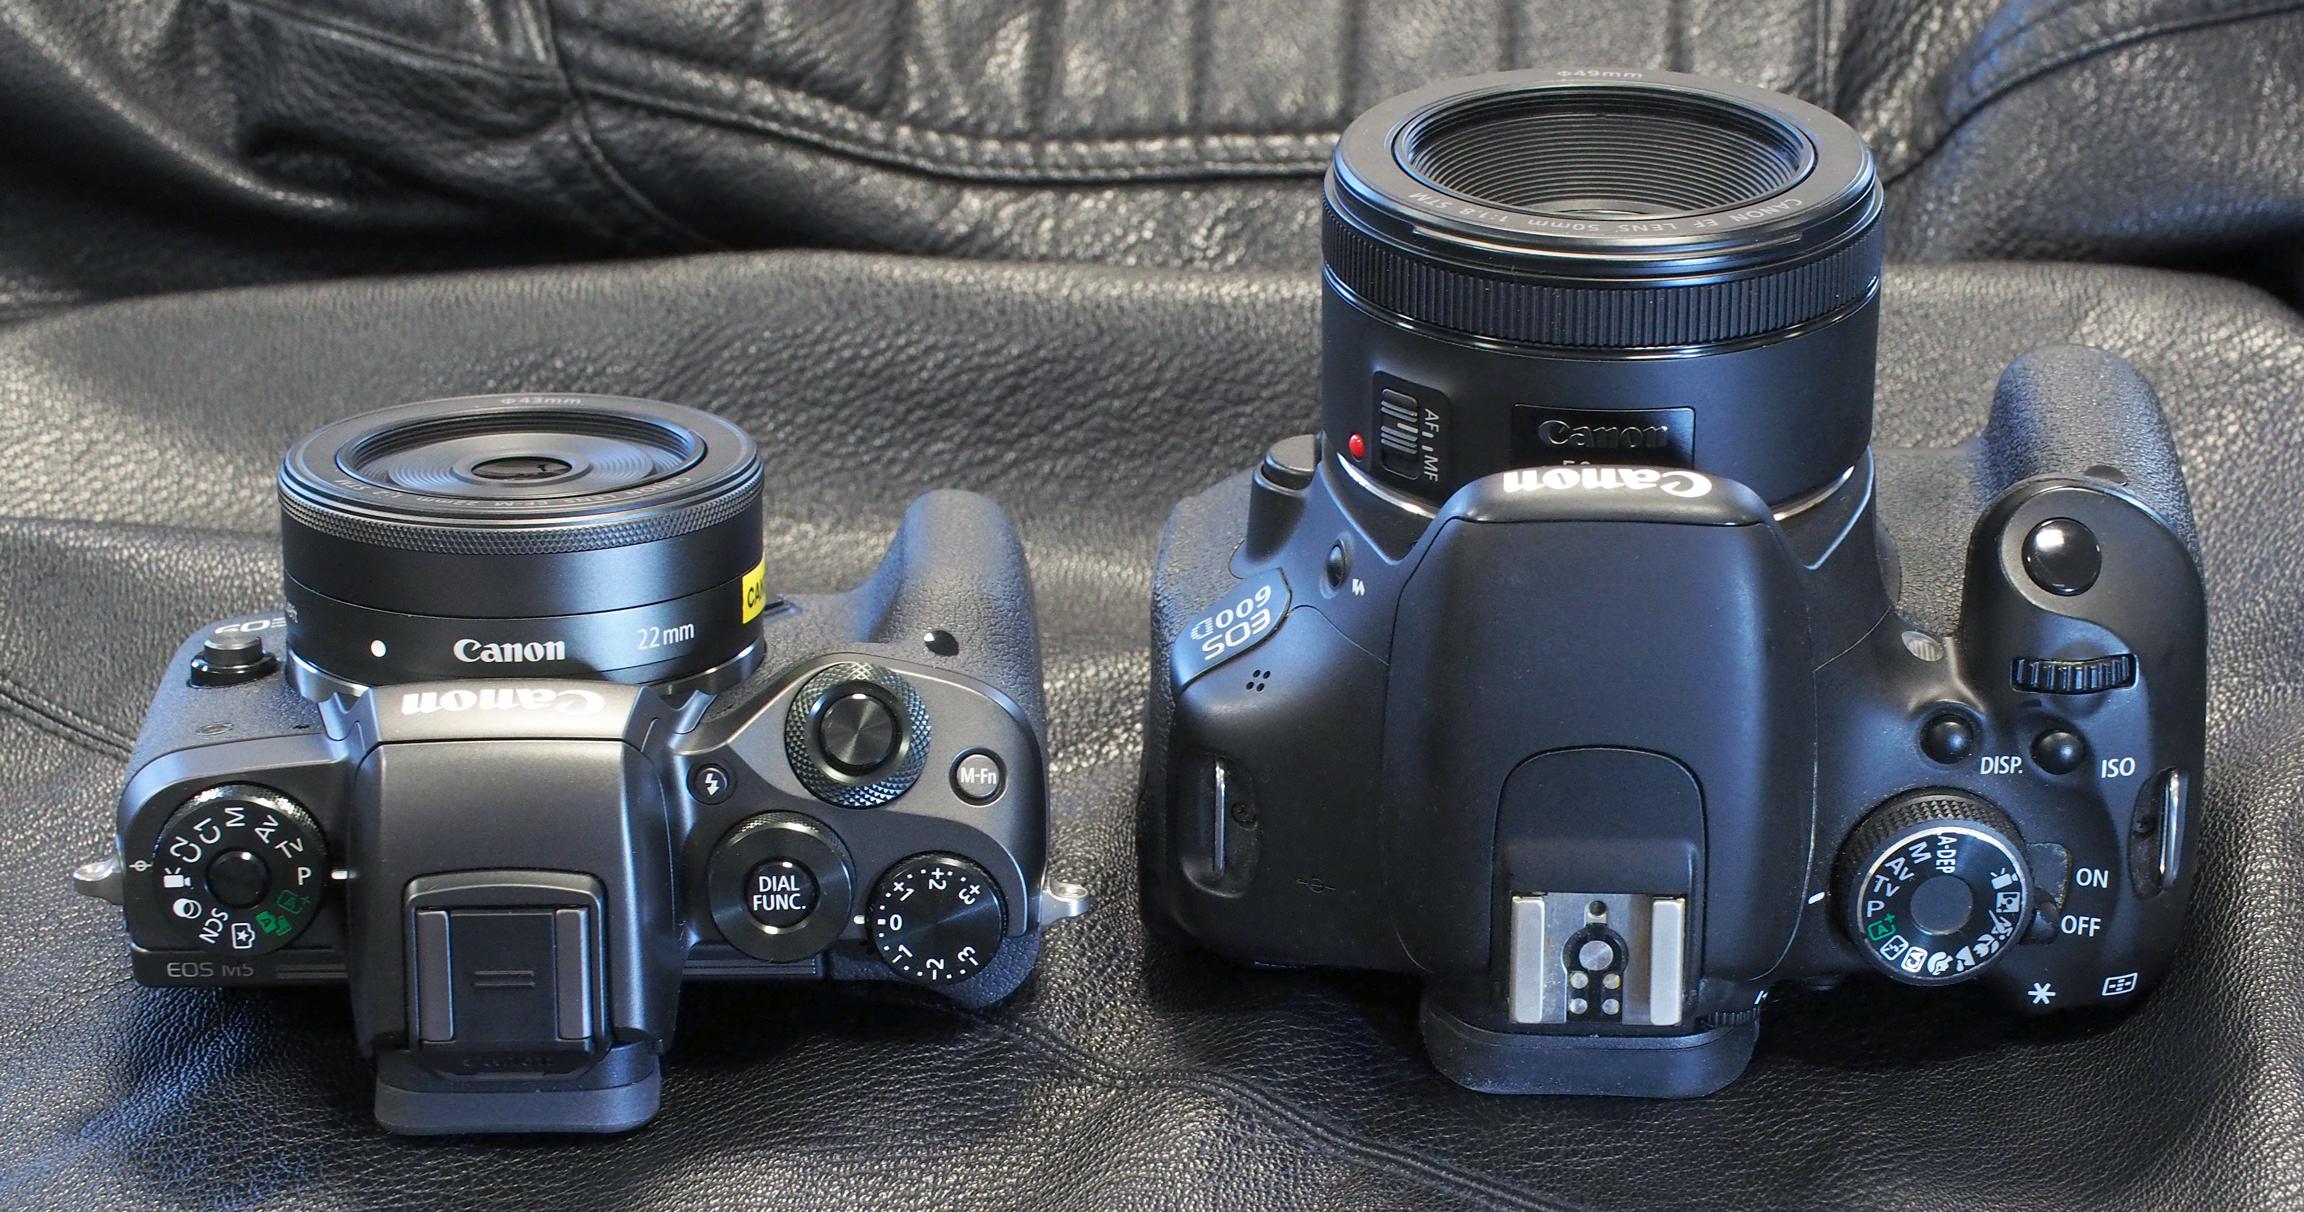 Canon EOS M5 Expert Review | ePHOTOzine